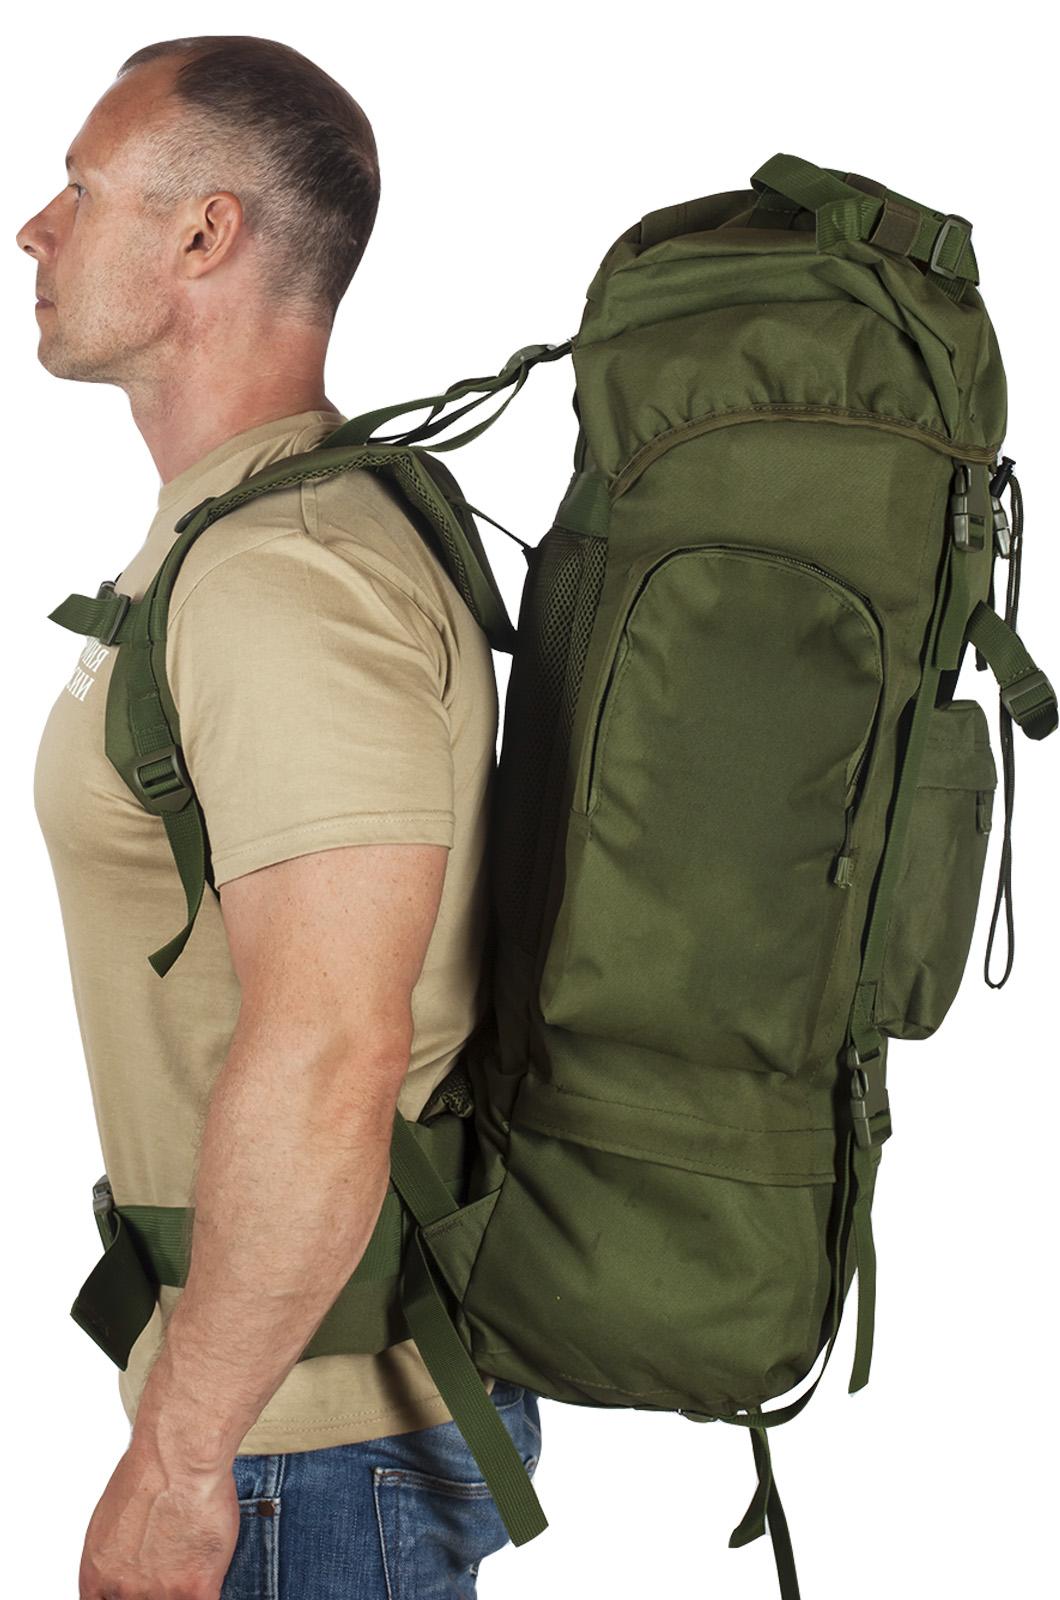 Многодневный удобный рюкзак с нашивкой Потомственный Казак - заказать по низкой цене